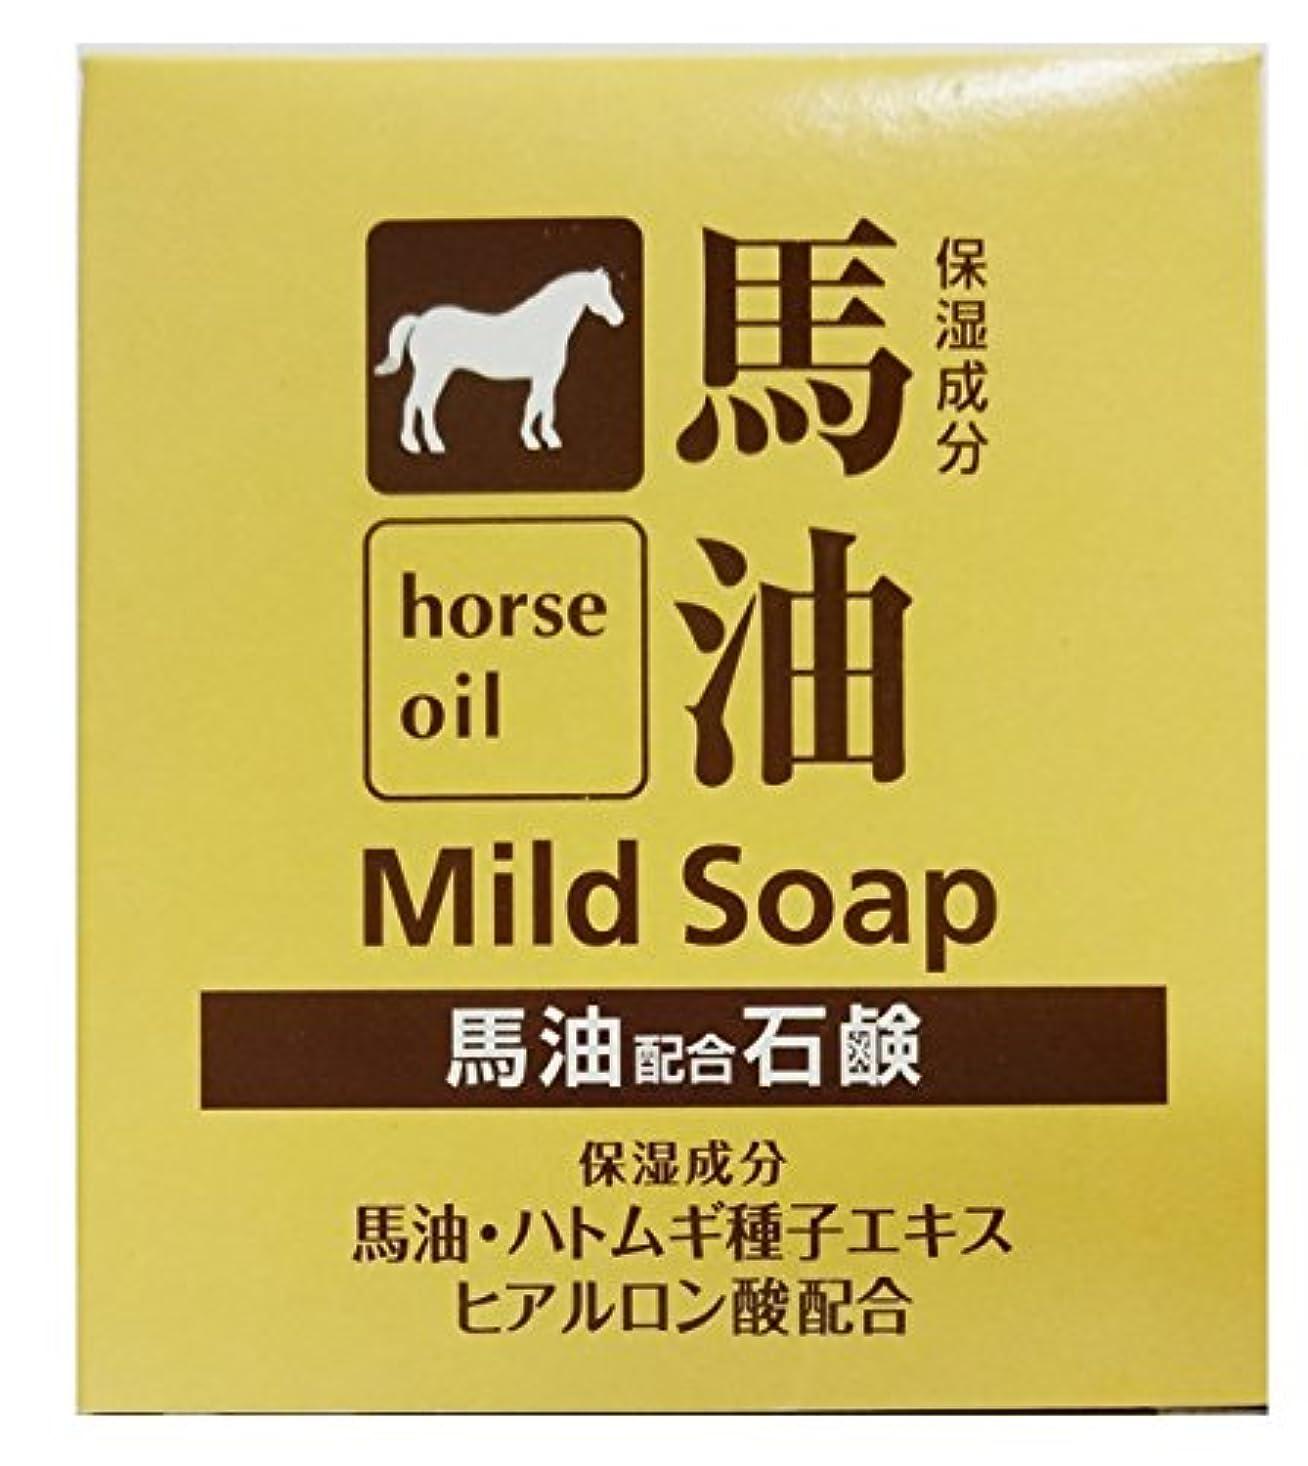 ちなみに調整受けるTKコーポレーション 馬油配合石鹸 100g